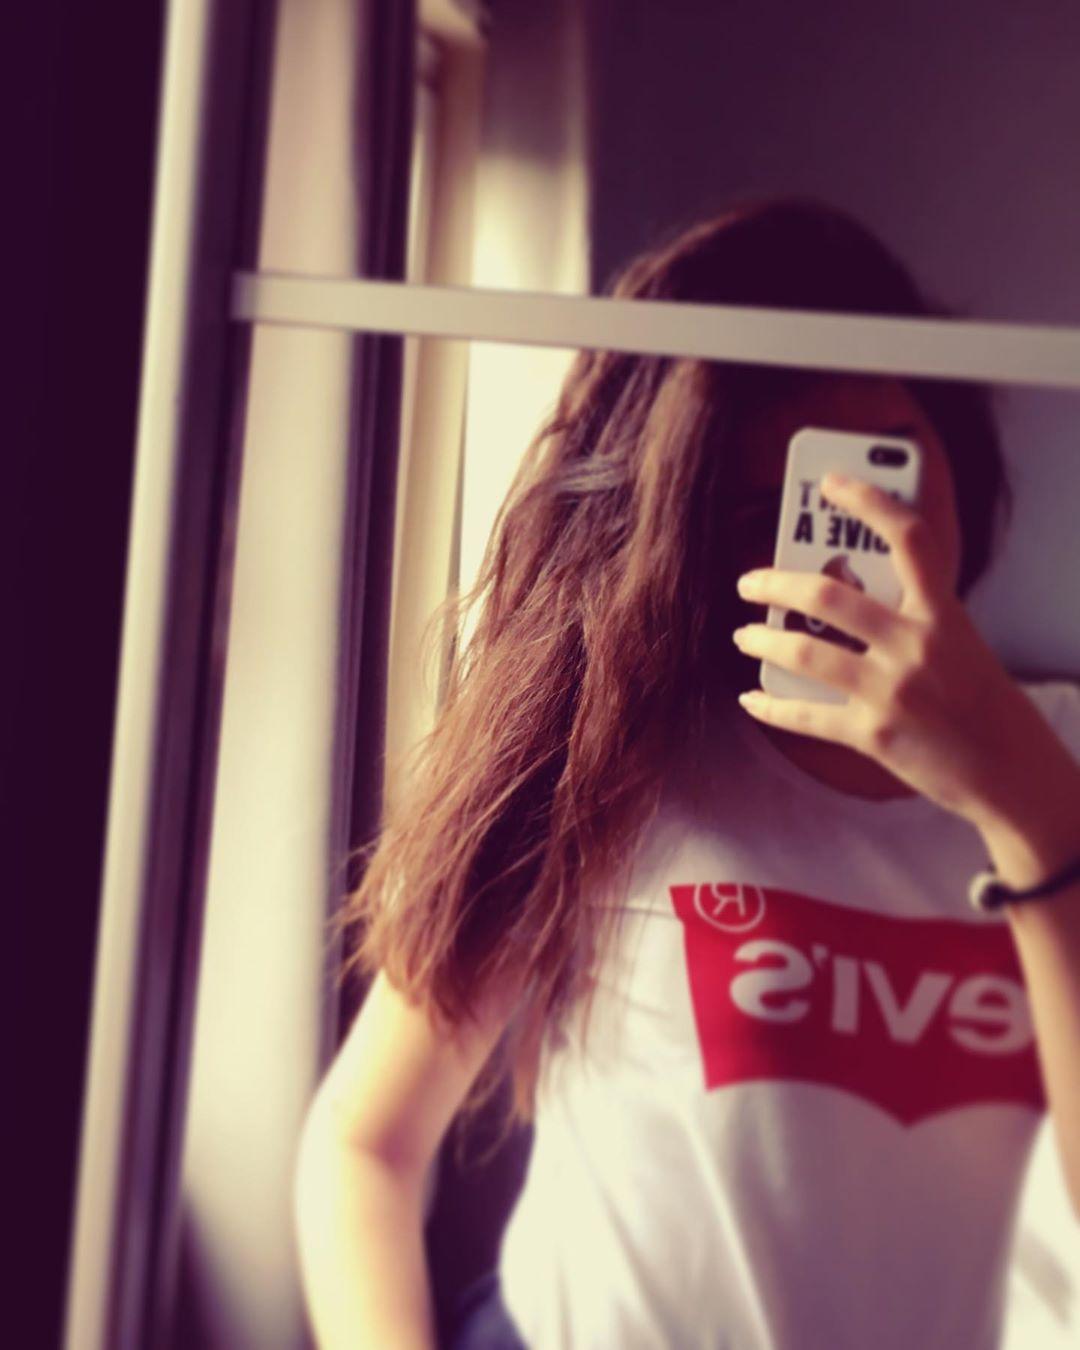 t-shirt levis blanc de Les Bourgeoises sur cindy.cpn22